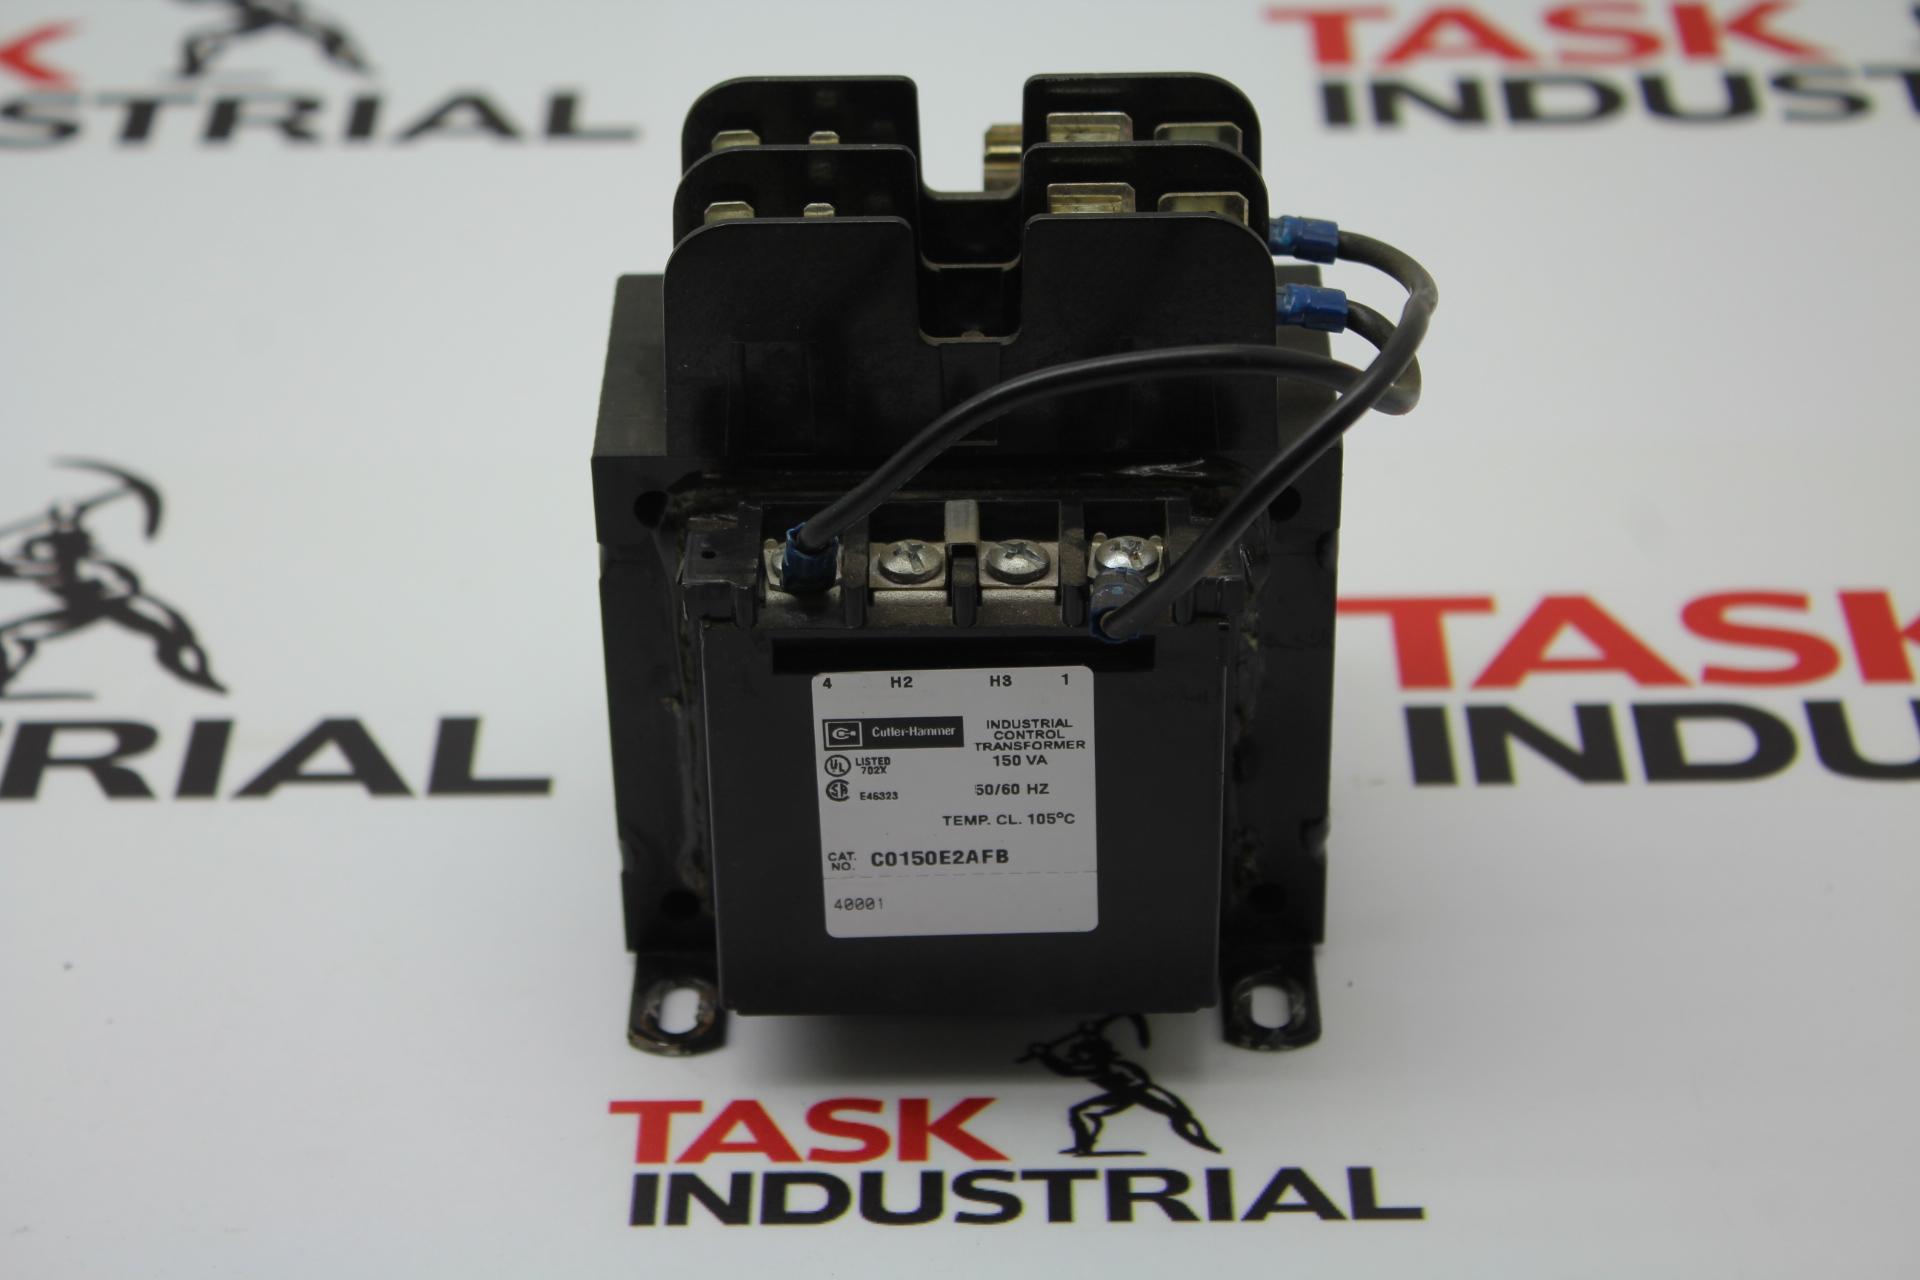 Cutler-Hammer Industrial Control Transformer C0150E2AFB